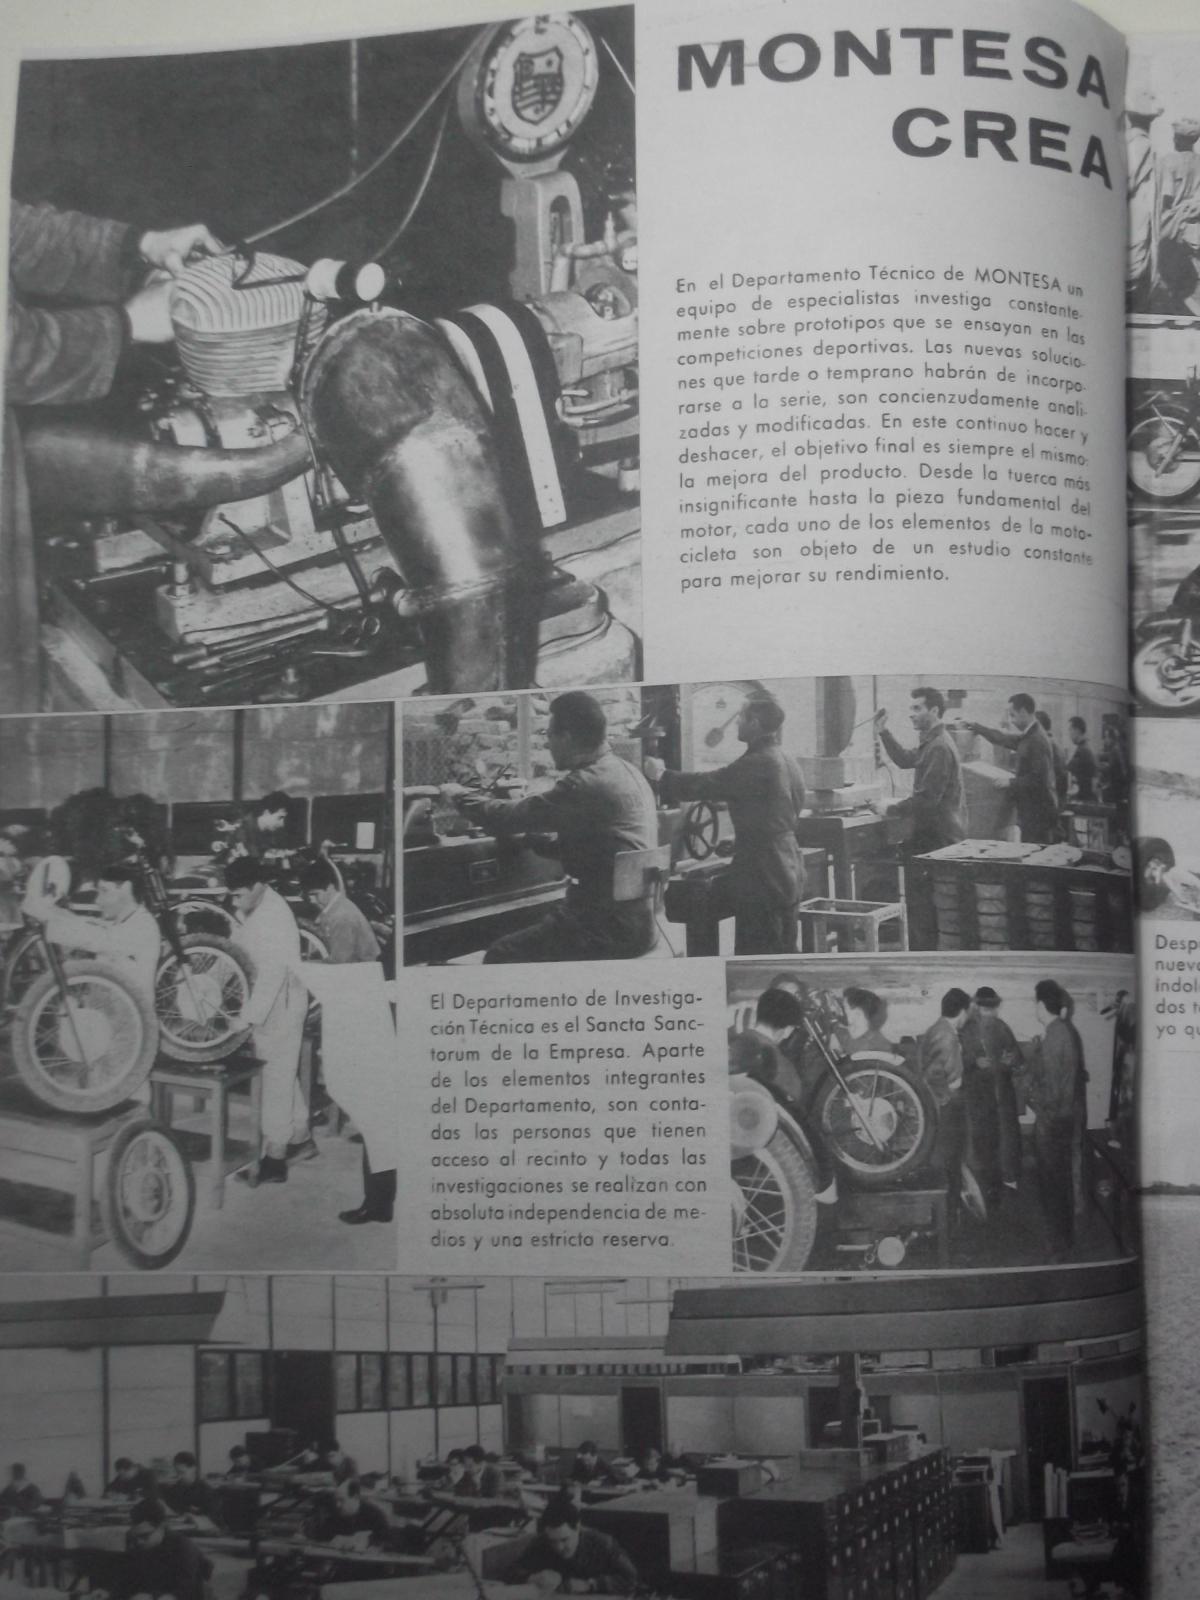 montesa - Las cuatro fábricas de Montesa - Página 2 1220l1c